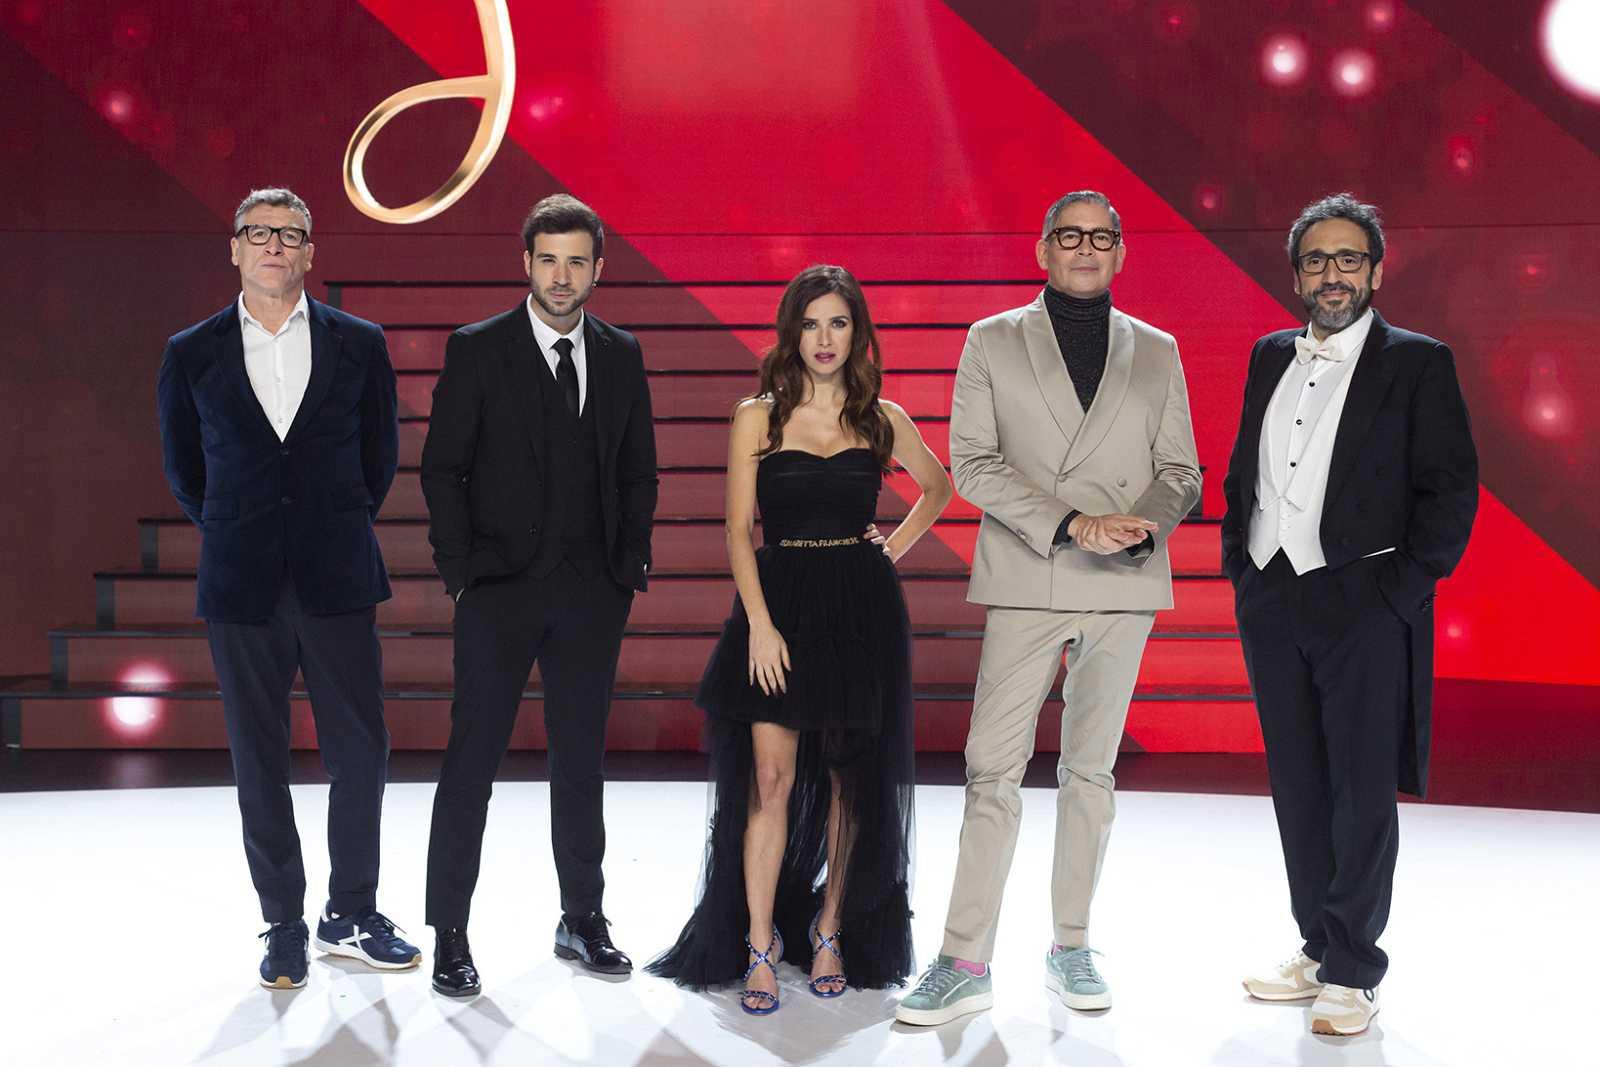 Boris Izaguirre y Paula Prendes junto a Nacho Duato, José Manuel Zapata y Rubén Simeó